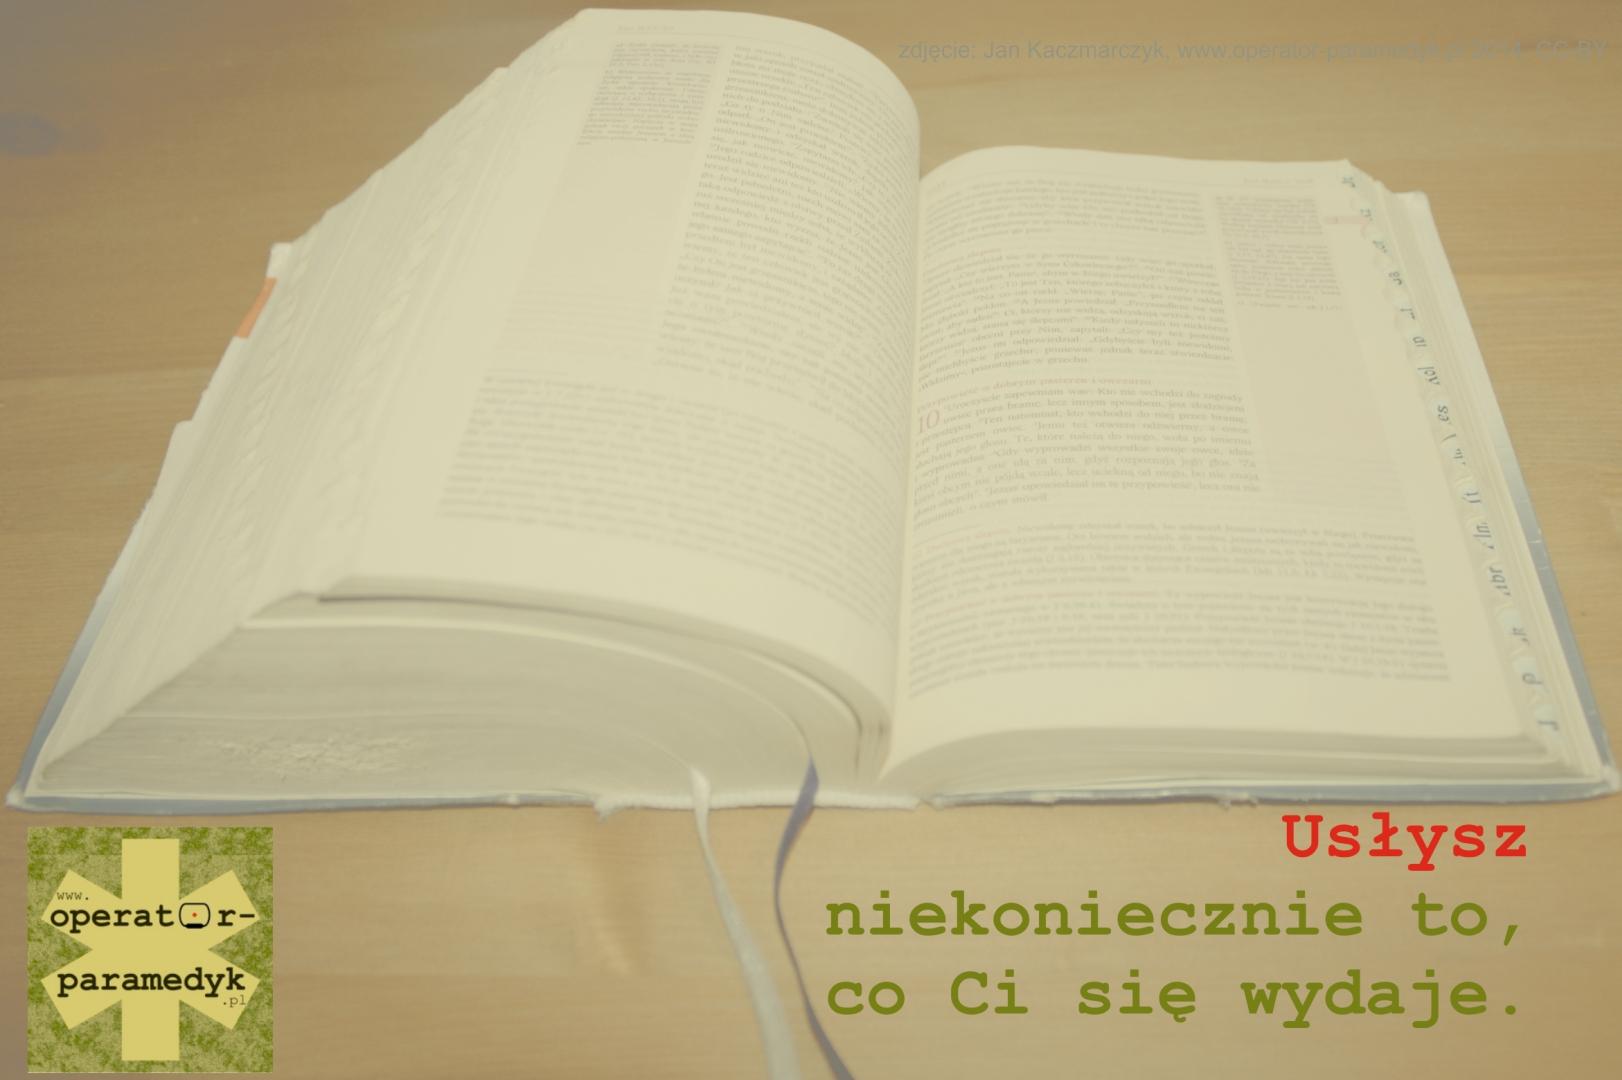 zdjęcie: www.ariaad.nazwa.pl/operator-paramedyk, CC-BY